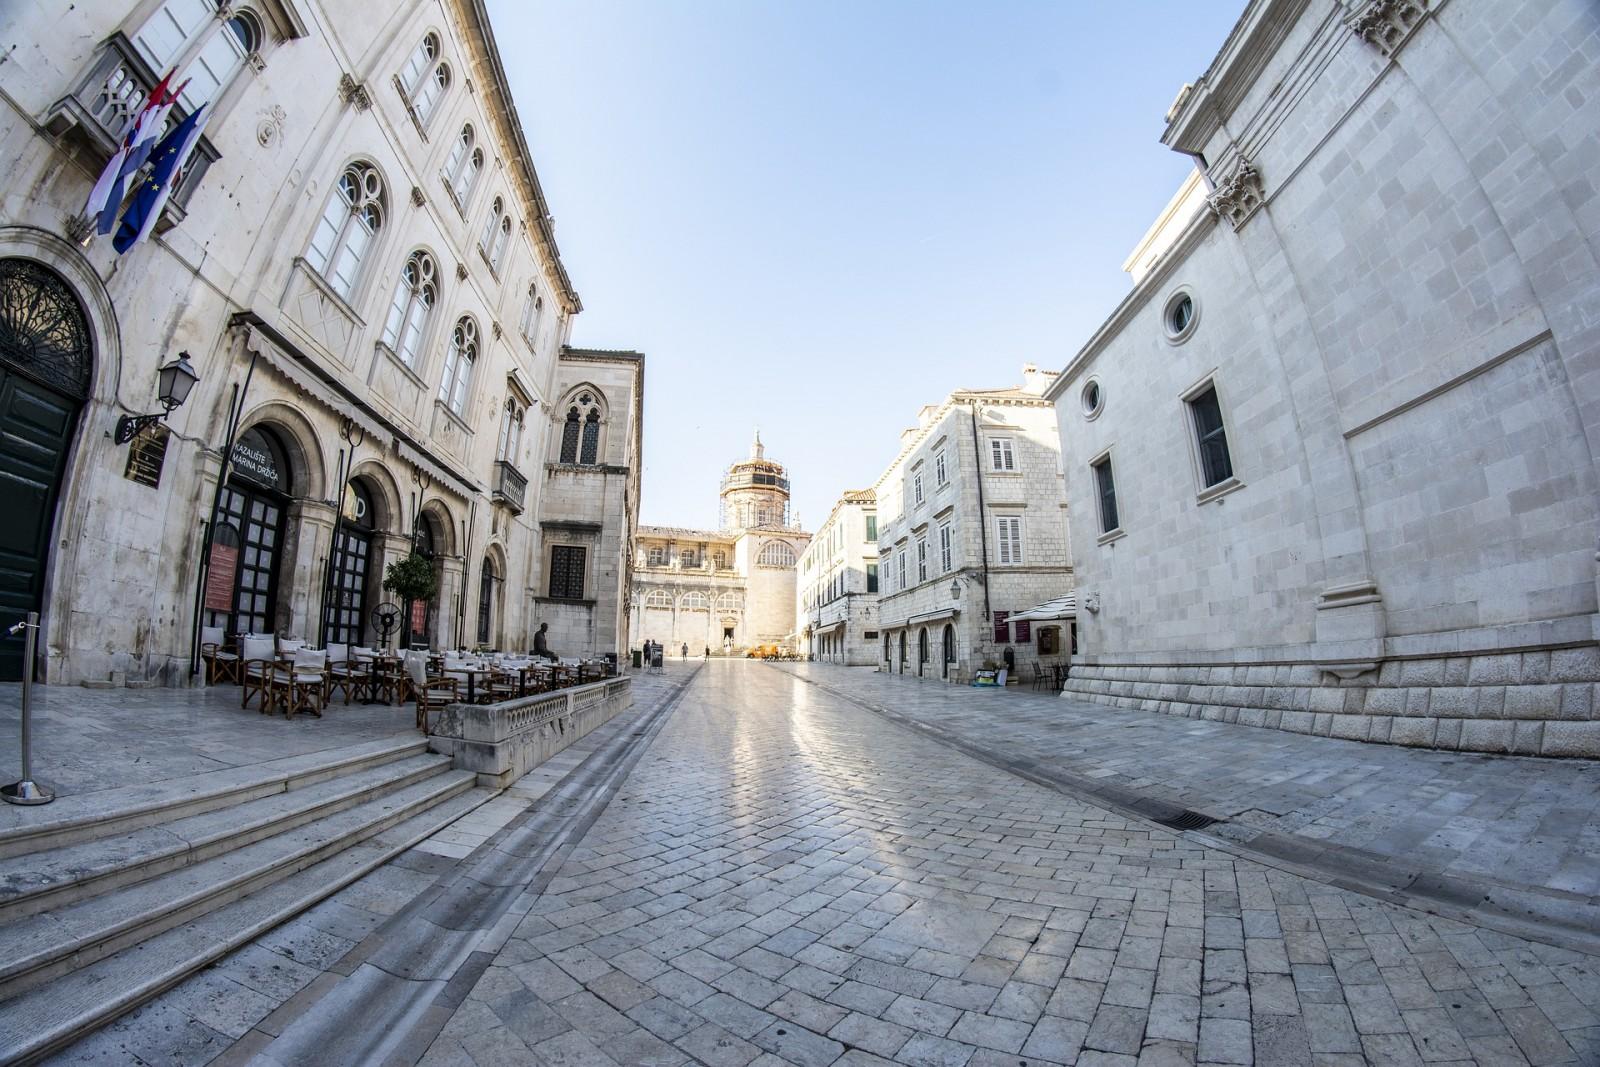 UČINKOVITO I TRANSPARENTNO Grad Dubrovnik proveo ukupno 92 javne nabave, žalbe izjavljene samo u 8 postupaka